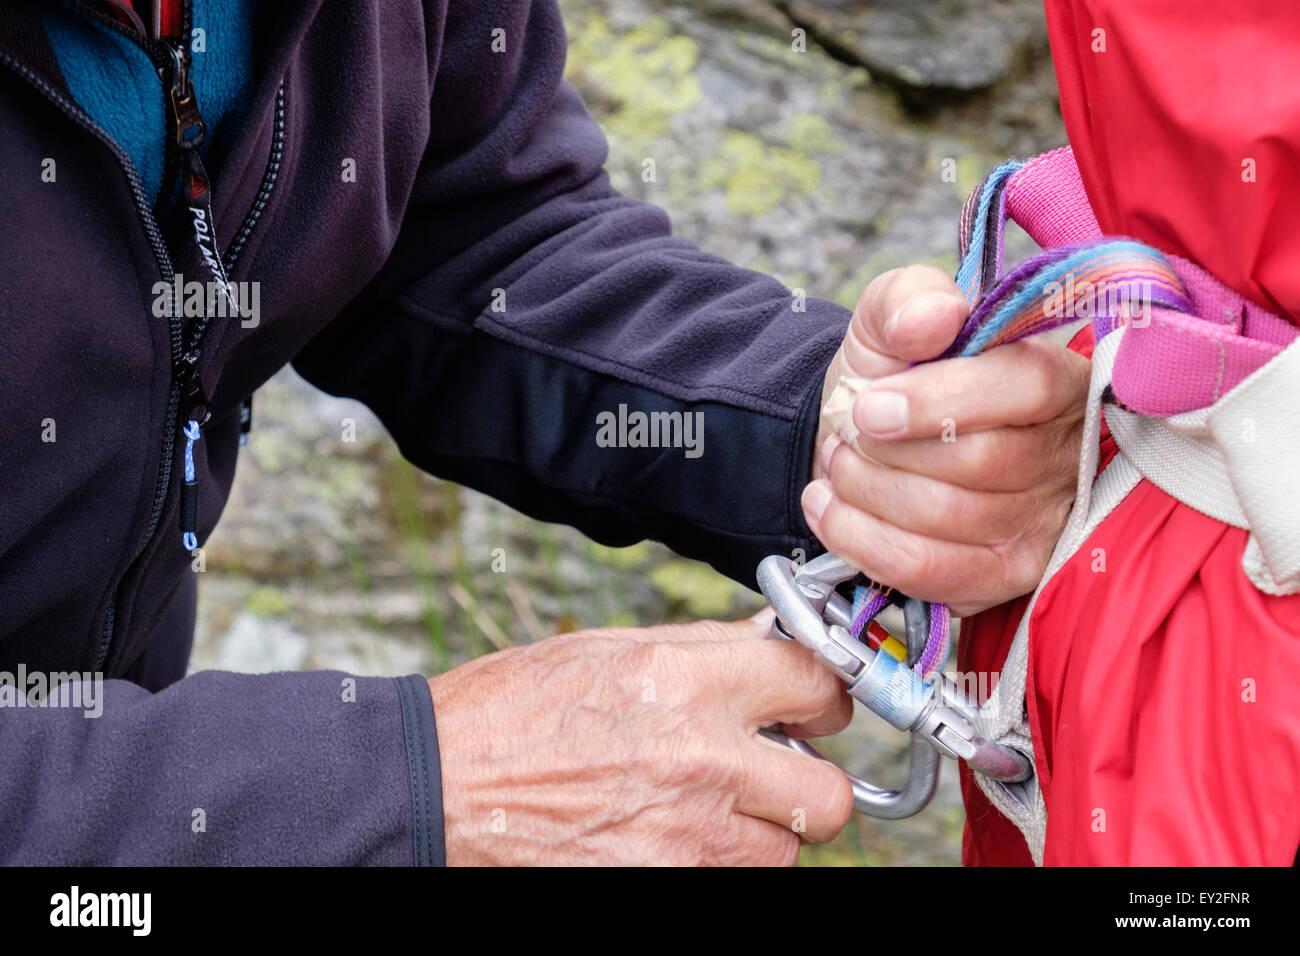 Klettergurt Für Anfänger : Kletterer lehre und hilft einem anfänger klettergurt binden mit